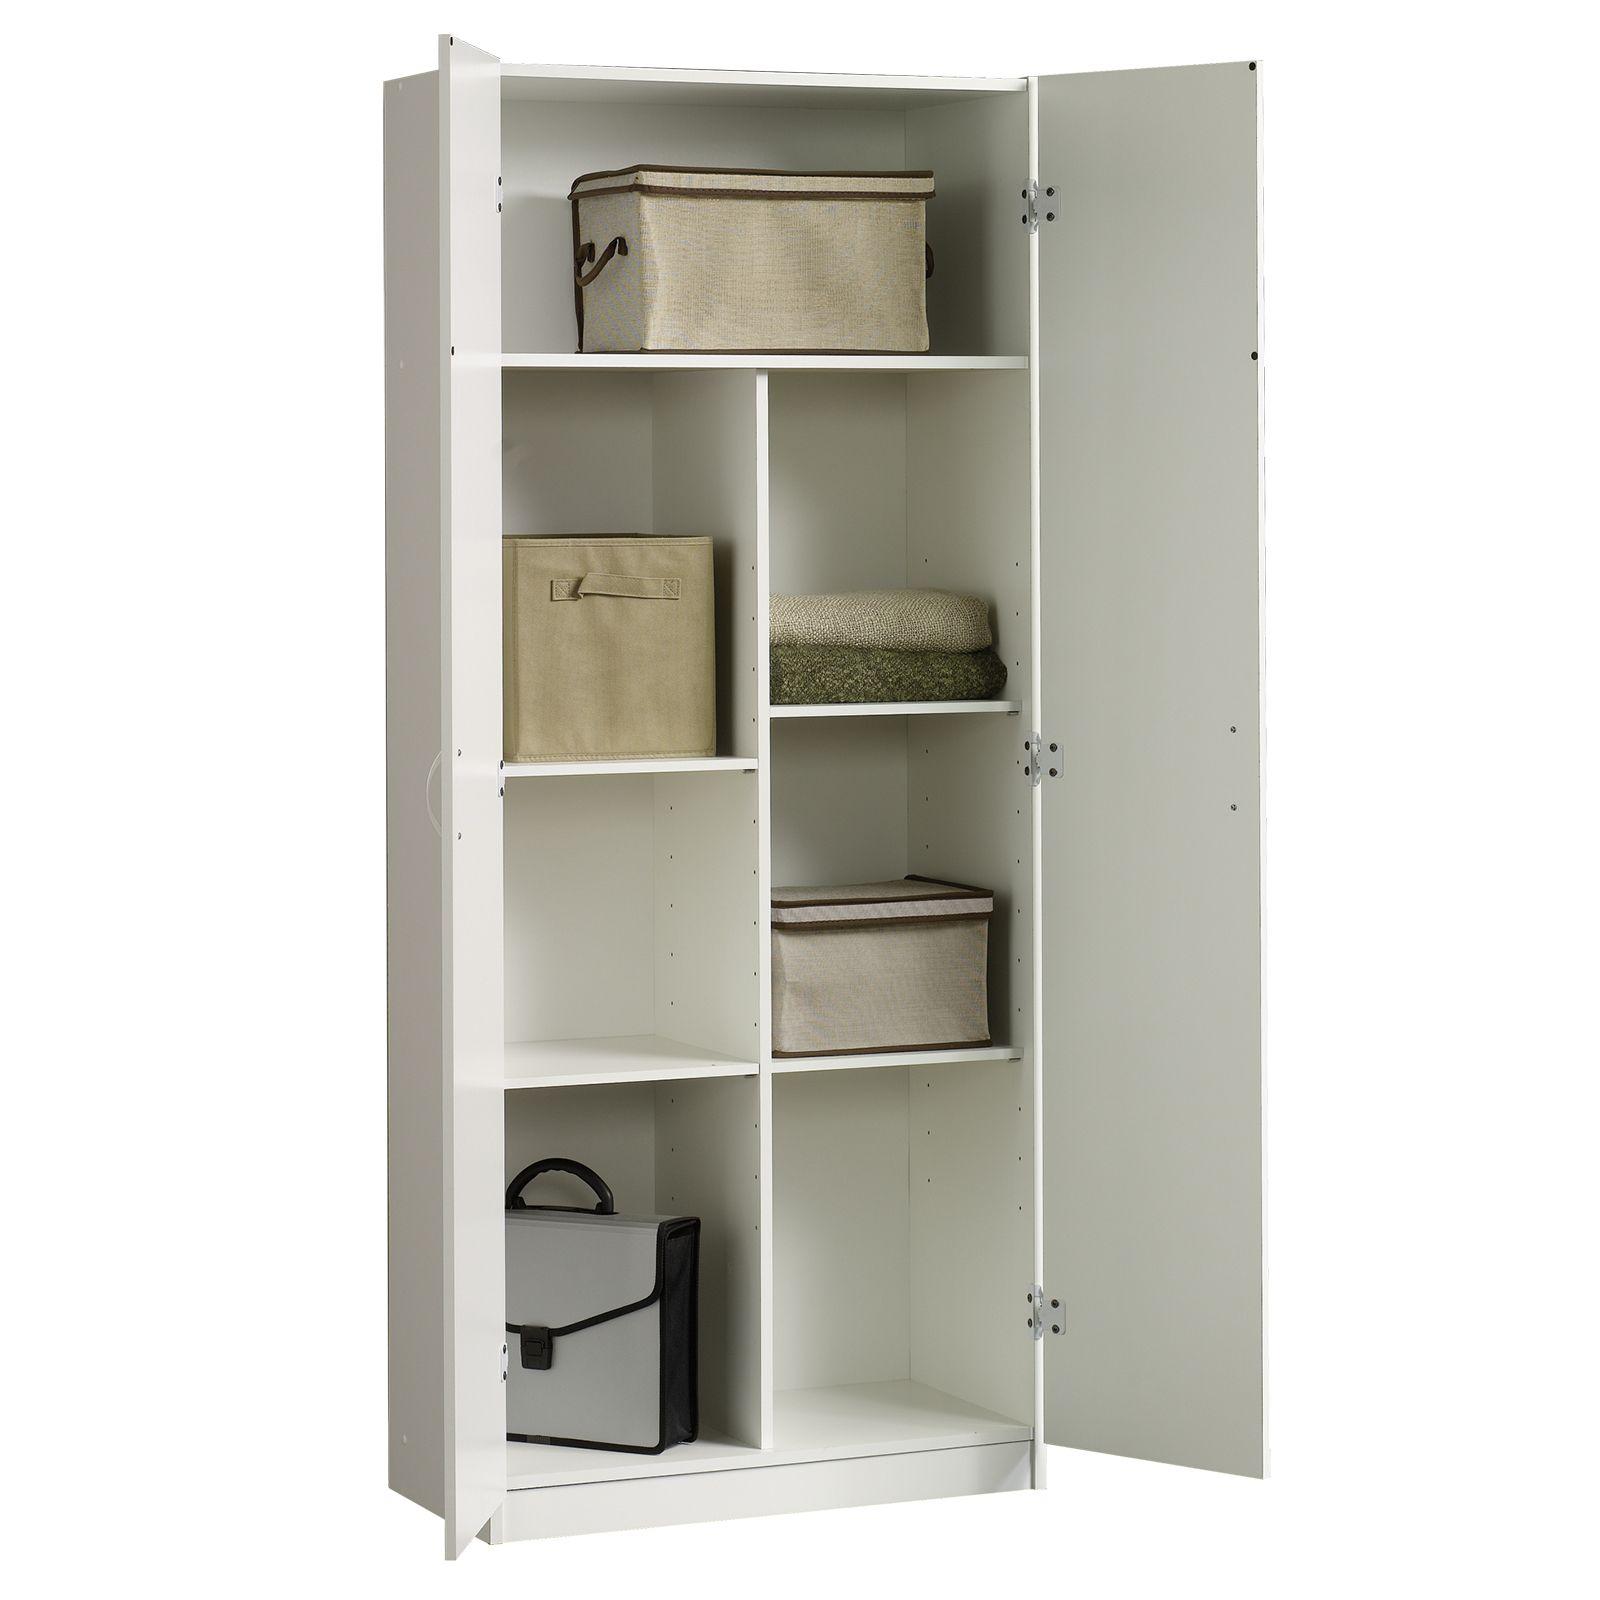 Hoch Holz Speicher Kabinette Mit Turen Kuchenschrank Lagerung